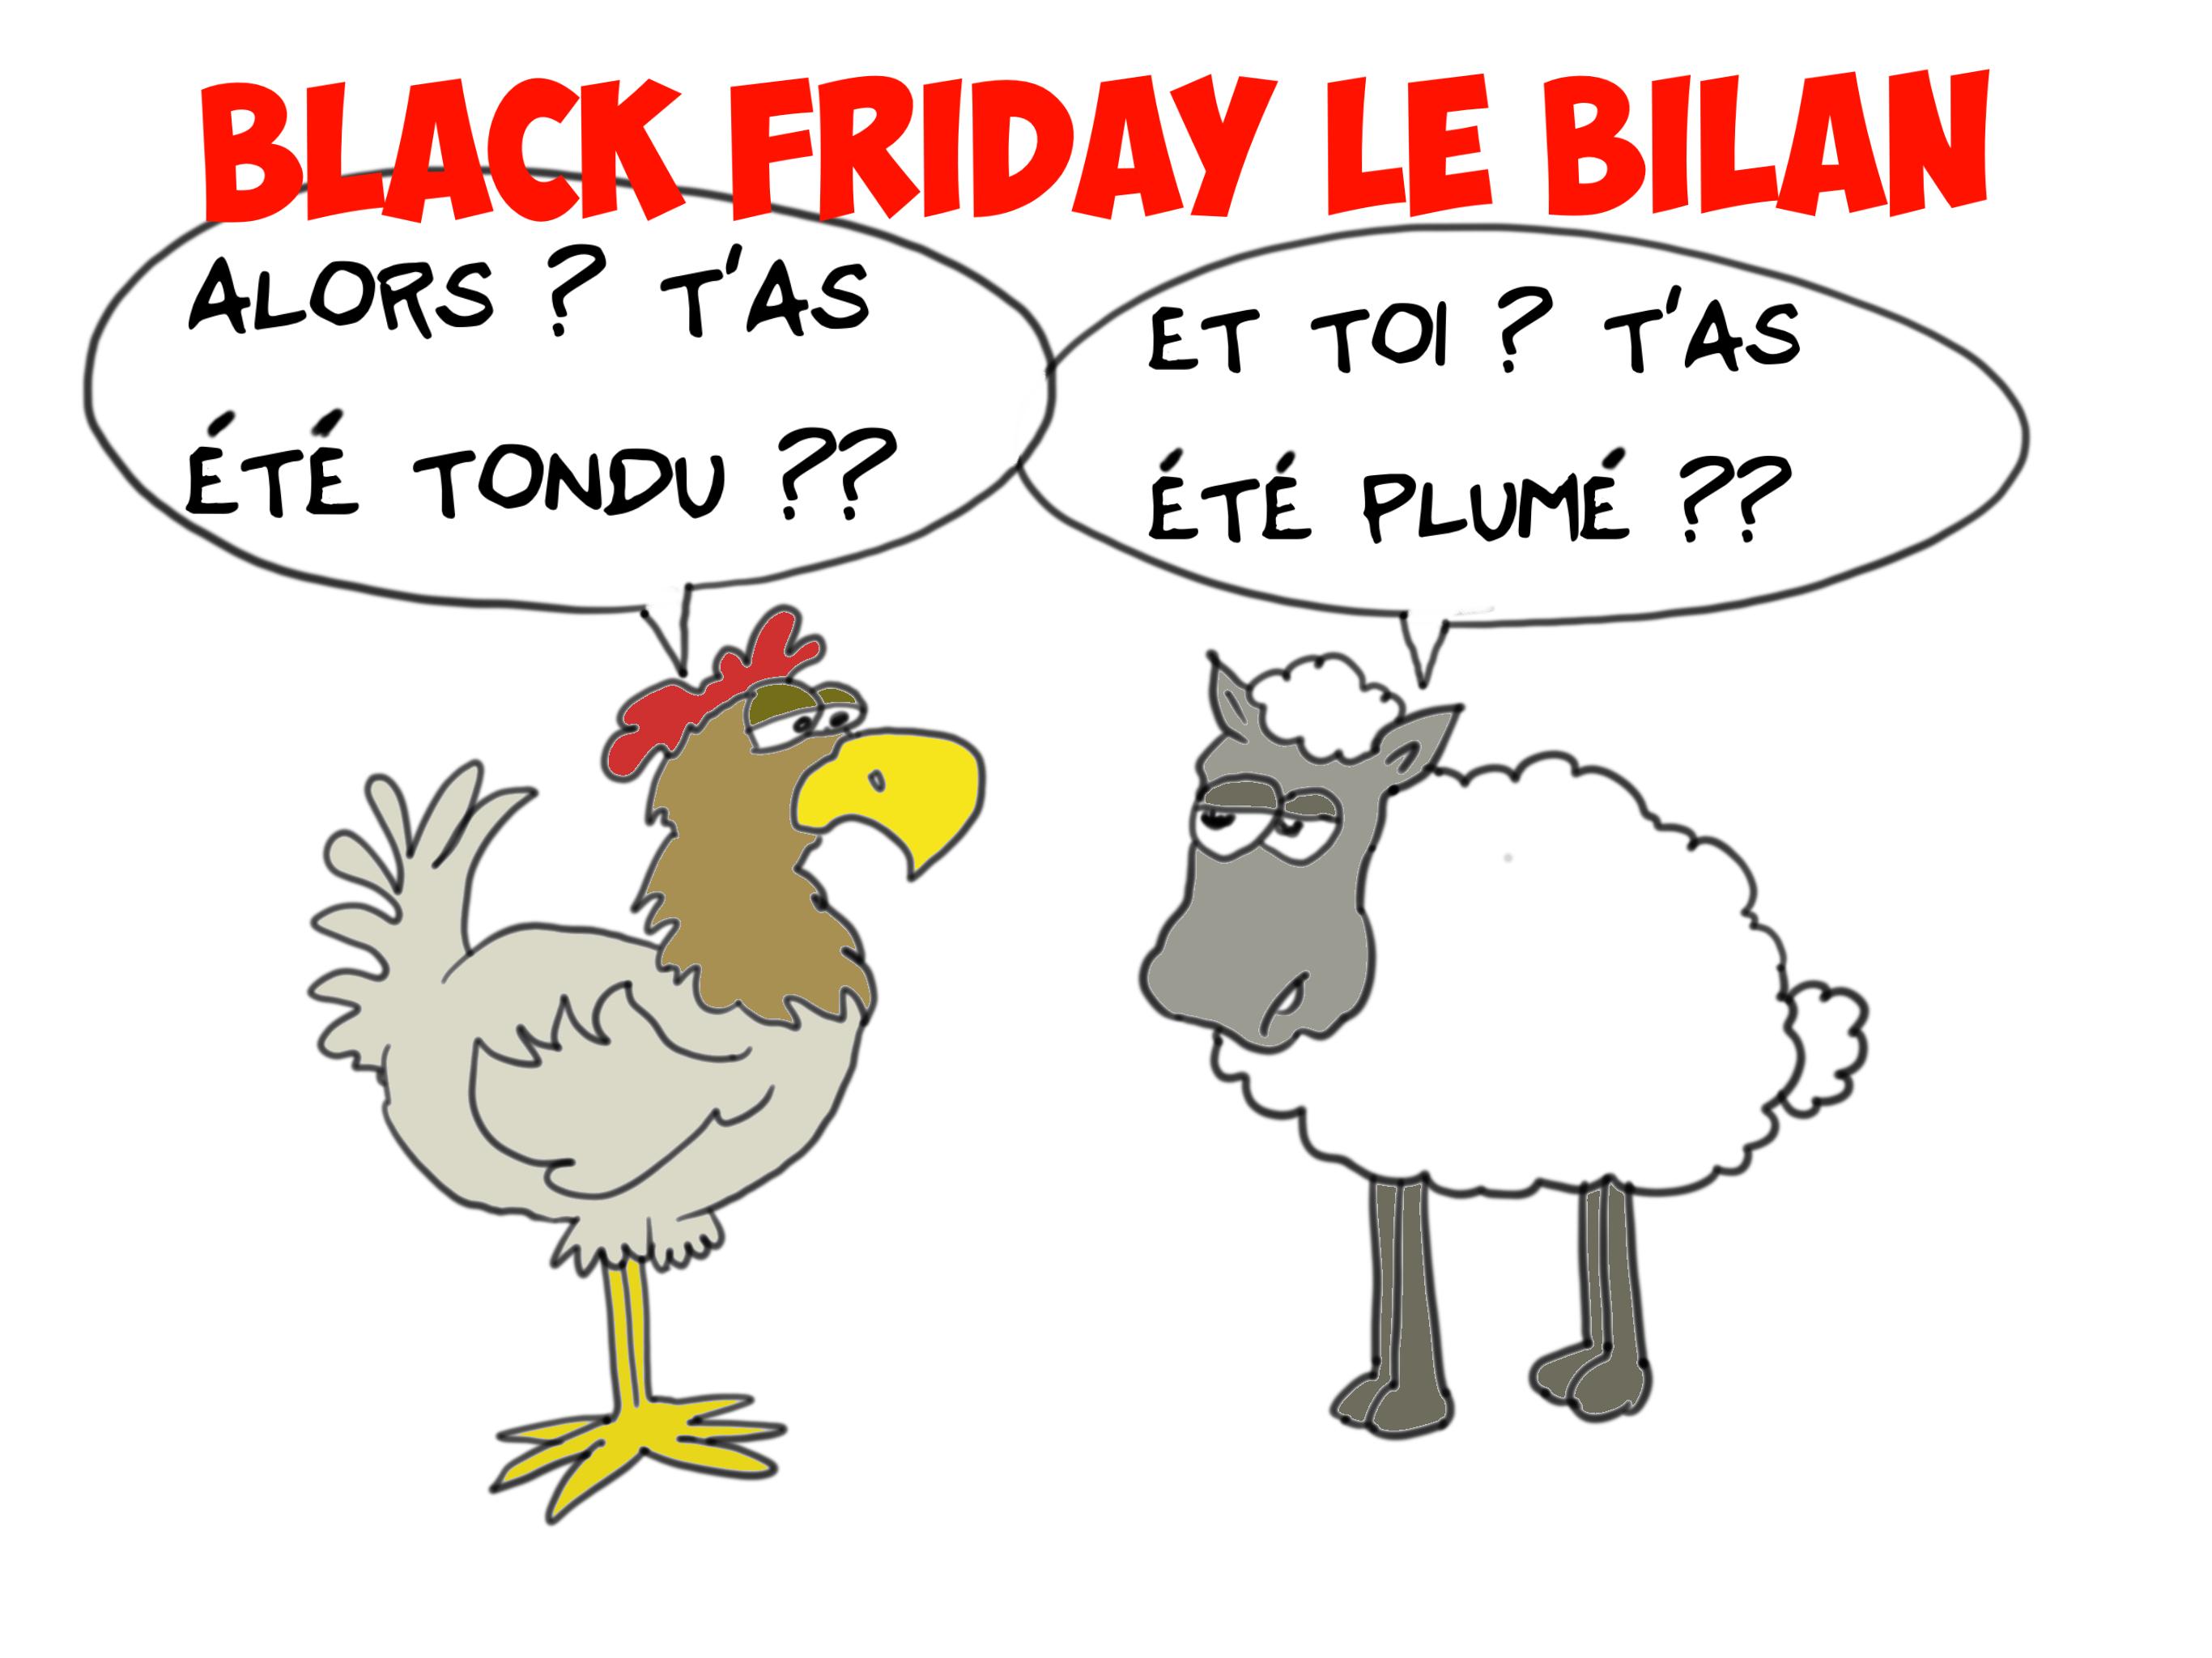 """"""" Le Black Friday """" vu par Munoz"""